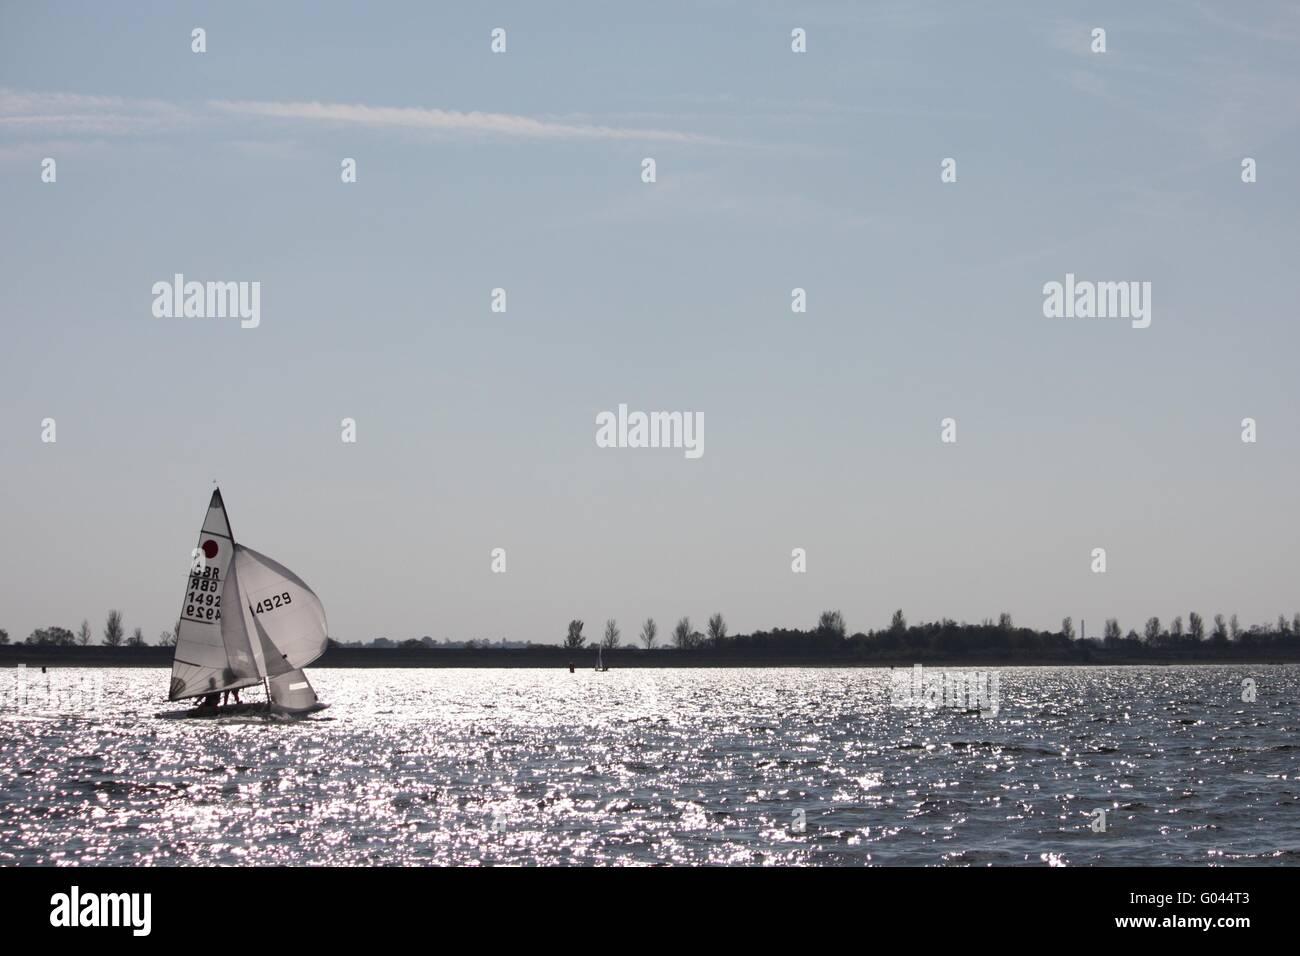 Sailboat sailing on a lake - Stock Image